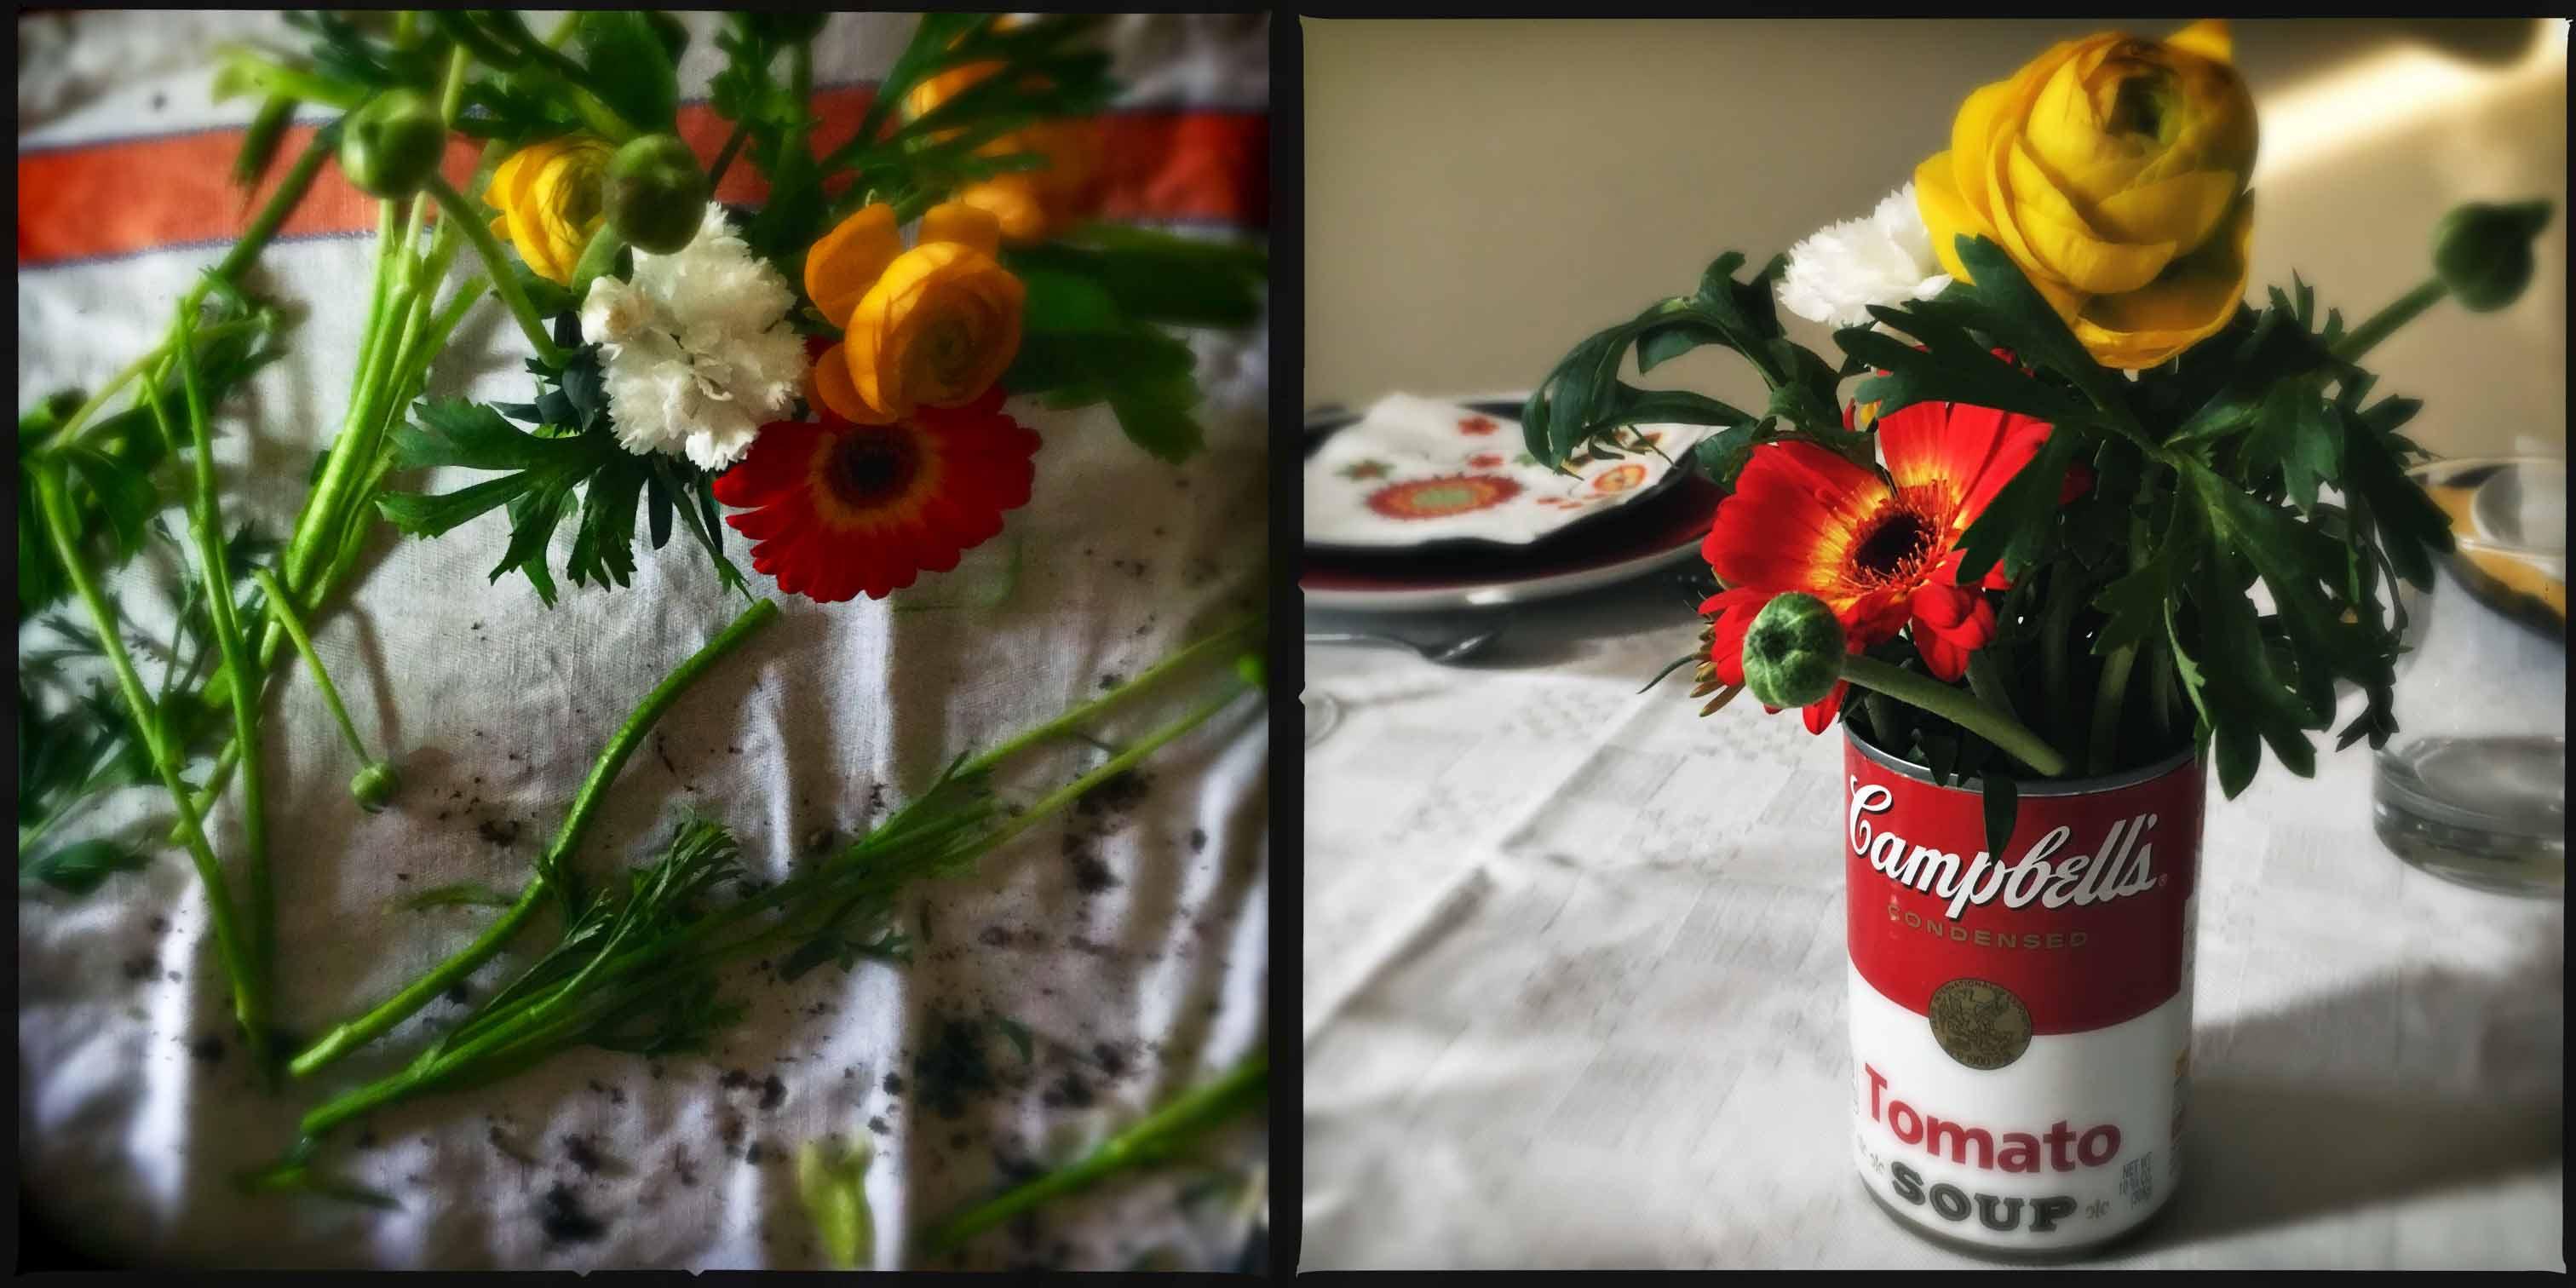 Marzo, tavola e mise en place per un pranzo tra amici